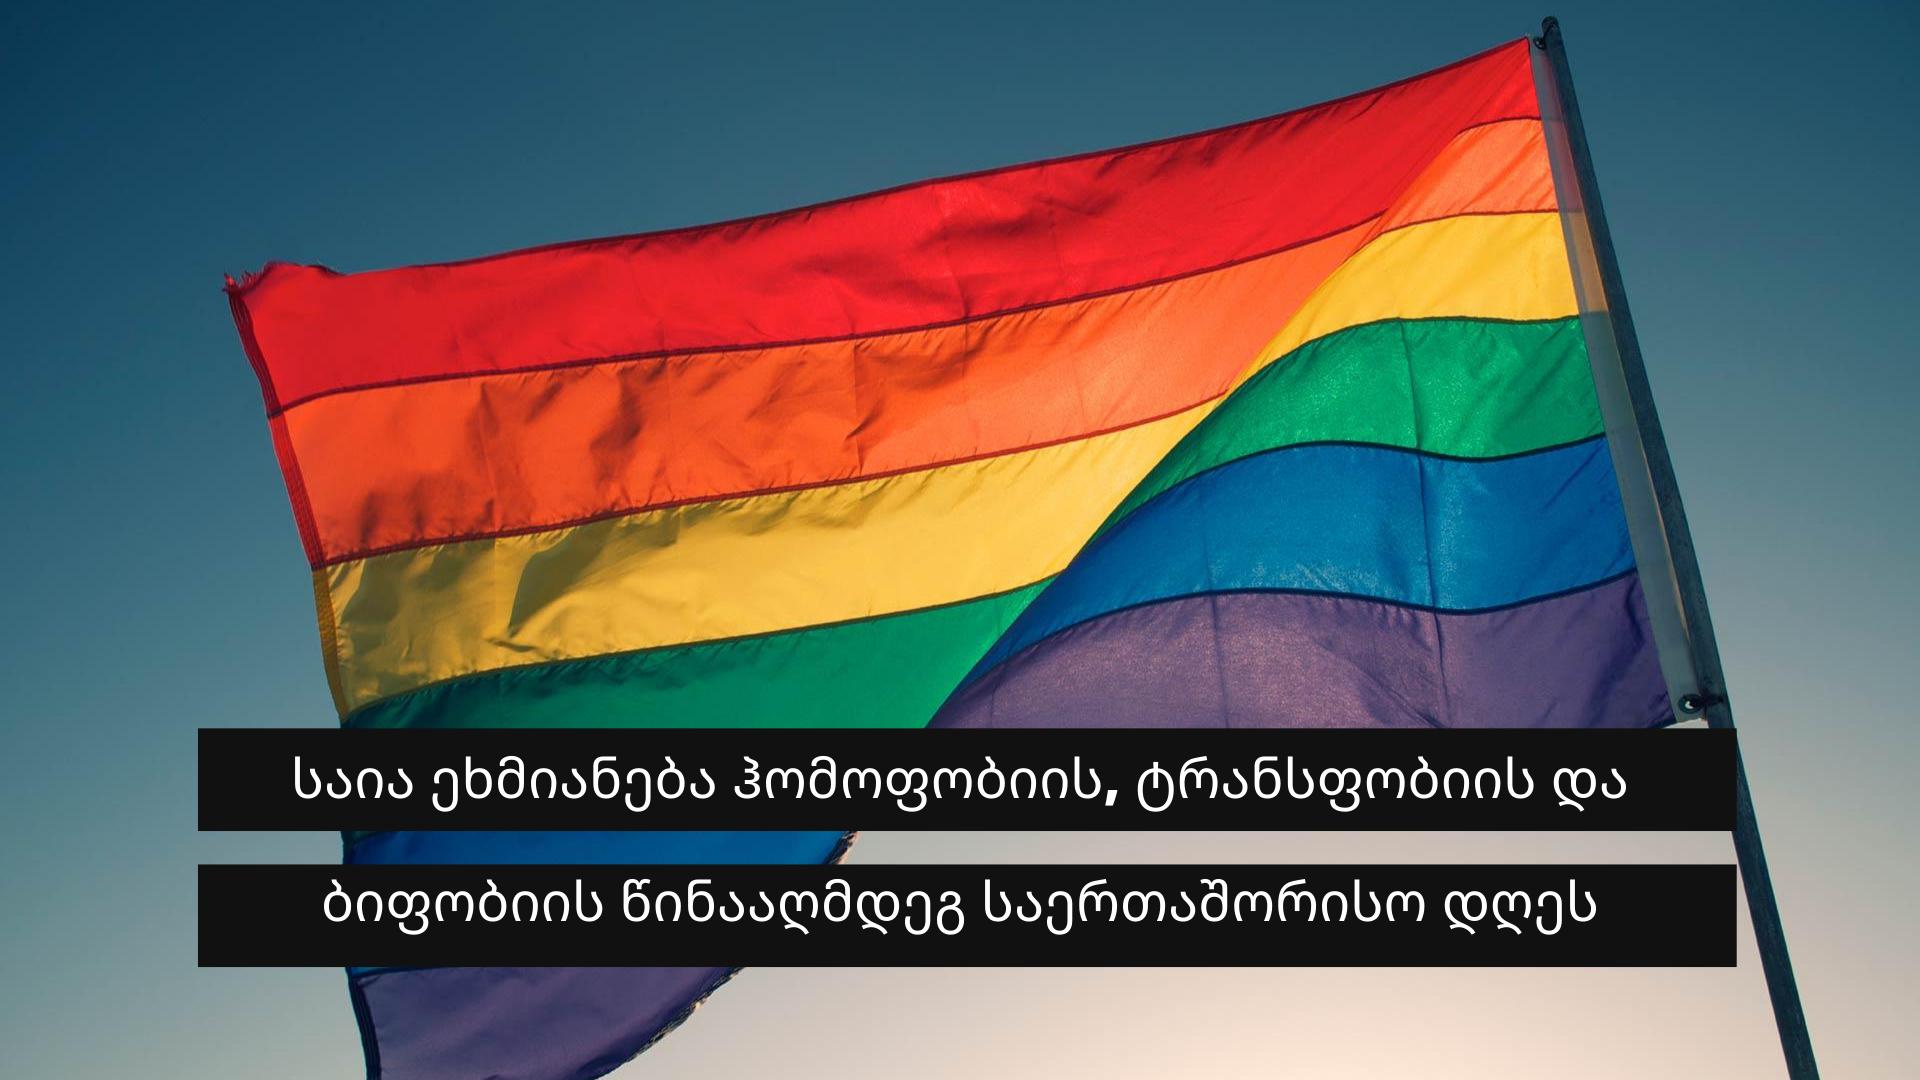 საია ეხმიანება ჰომოფობიის, ტრანსფობიის და ბიფობიის წინააღმდეგ საერთაშორისო დღეს